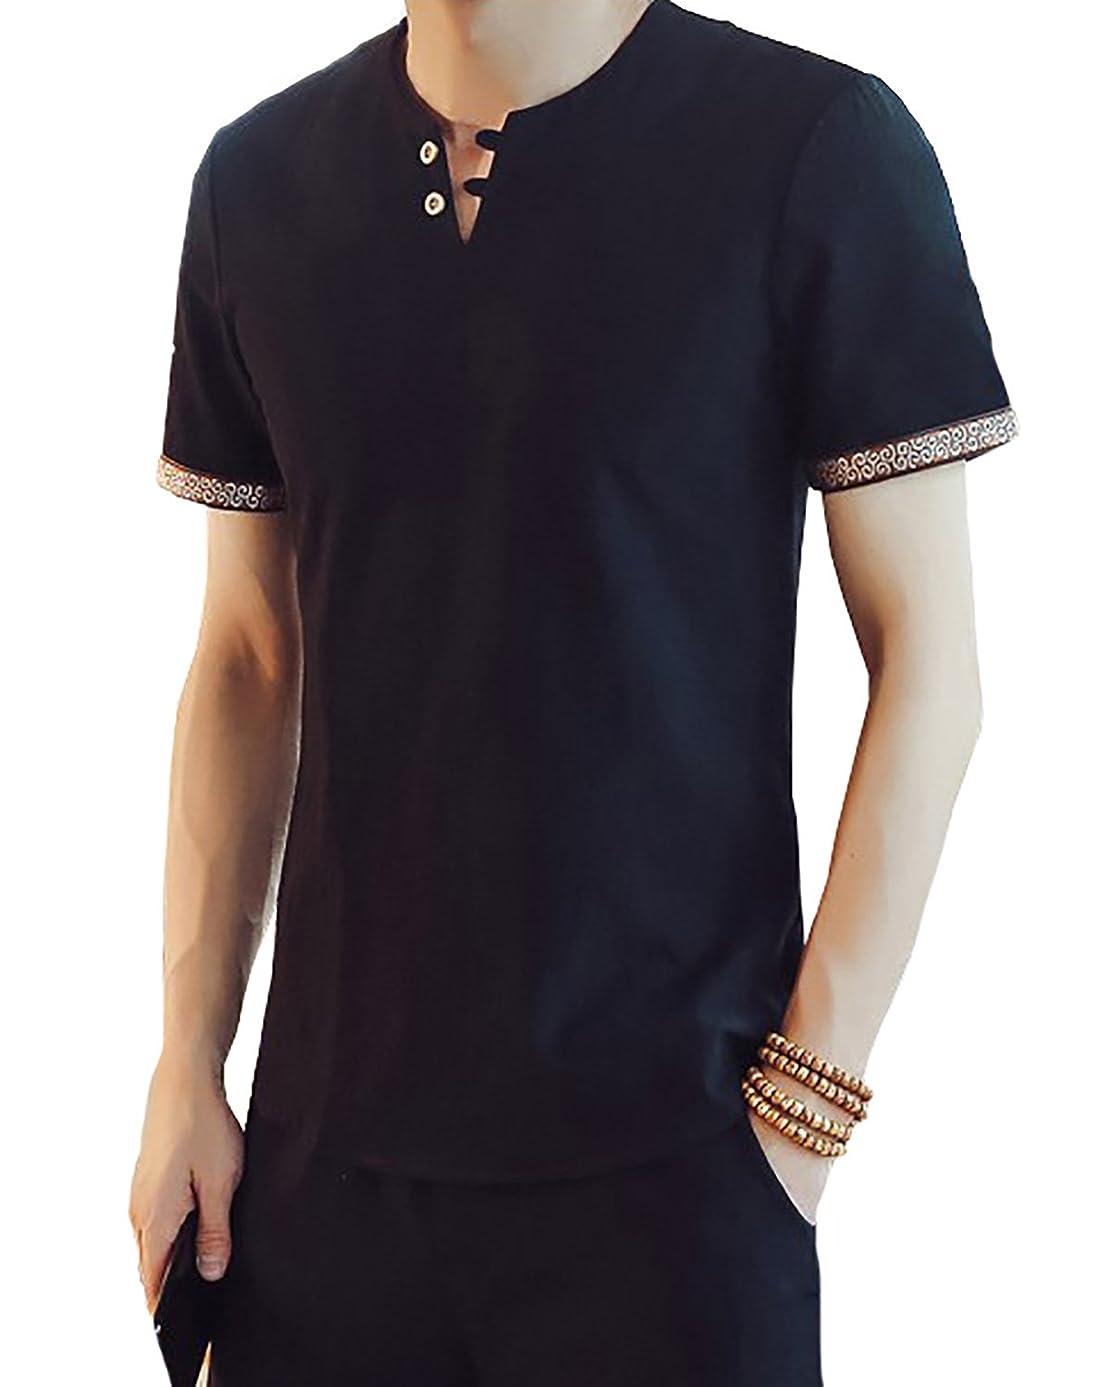 一時的促進する脱臼する[Agree With(アグリーウィズ)] カットソー 麻 Tシャツ Vネック 無地 自然素材 半袖 カジュアル オシャレ メンズ